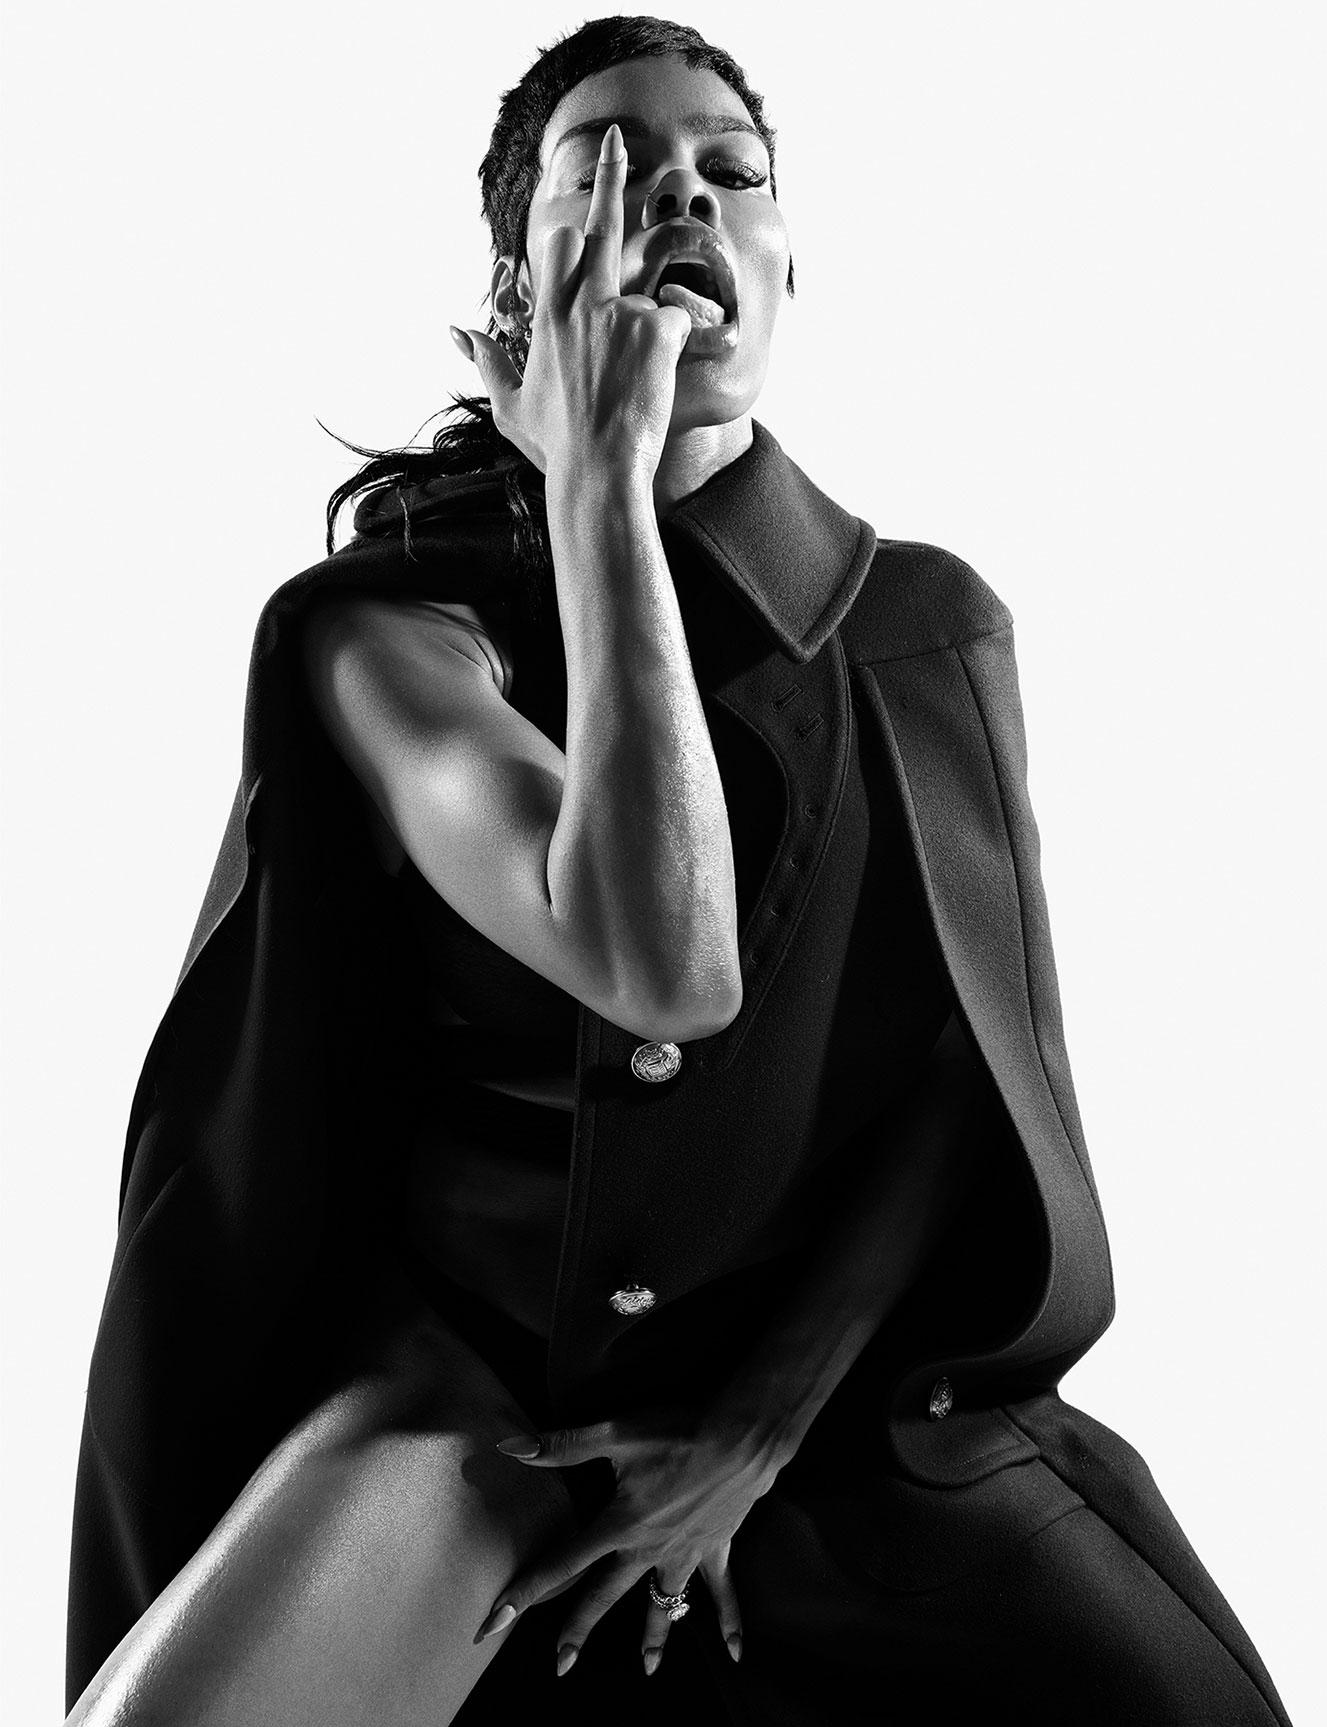 Тейяна Тейлор в хаос-выпуске журнала i-D, лето 2020 / фото 10